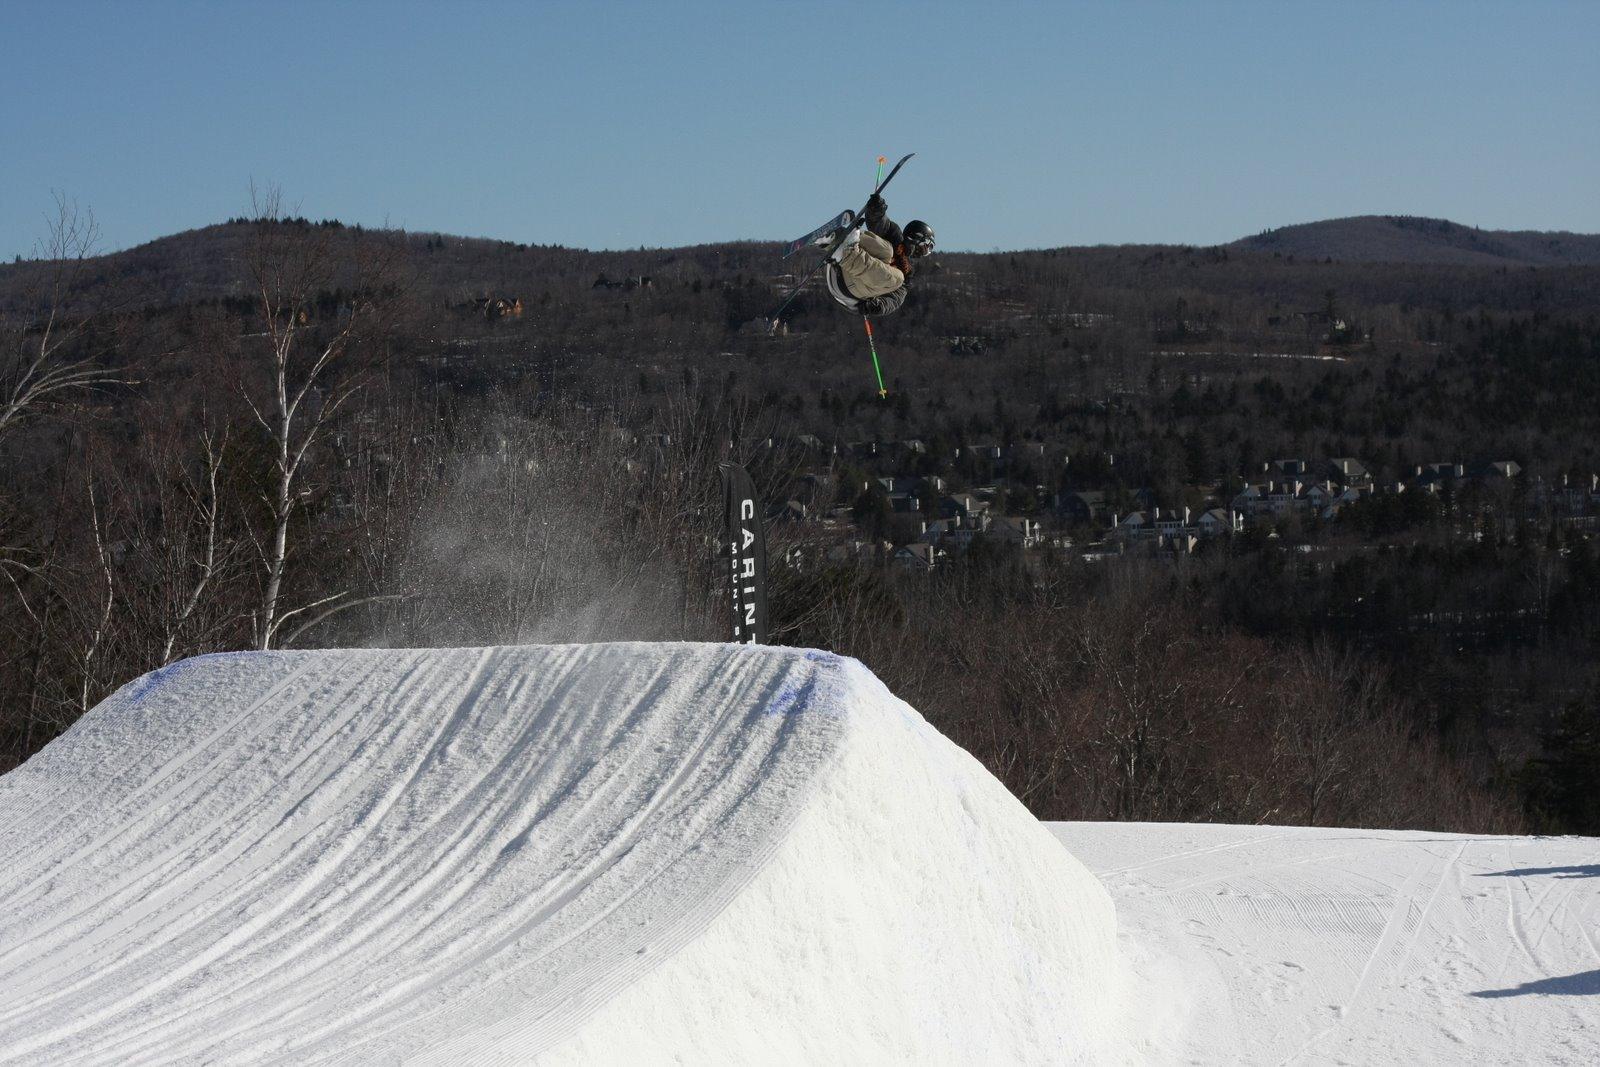 Rod nine at mt snow